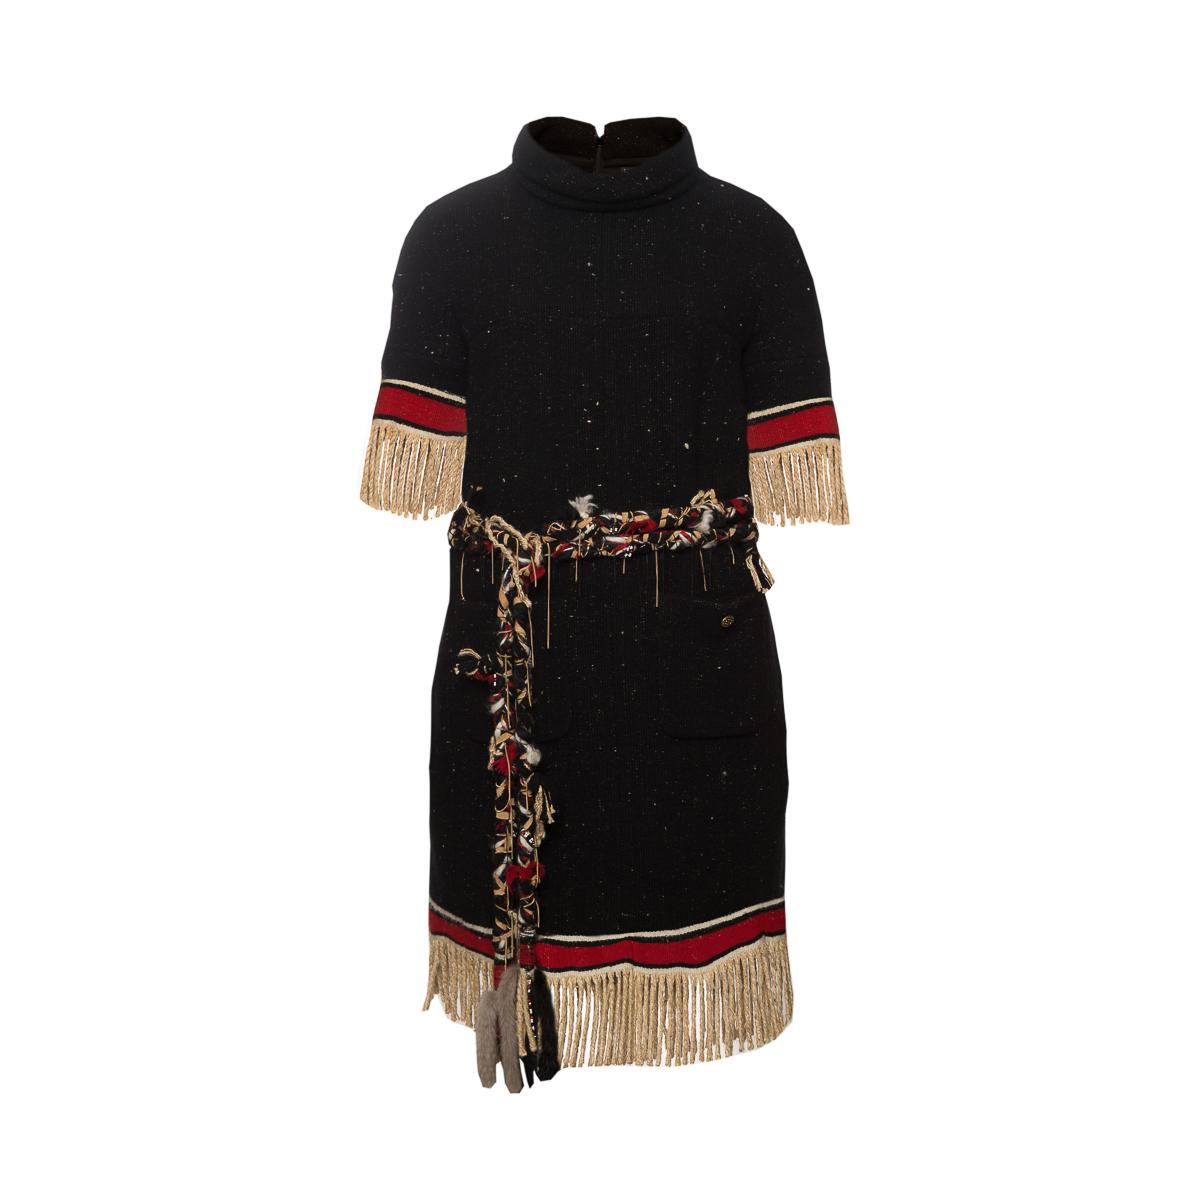 Роскошное платье из кашемира с шелком от Chanel, 44 размер.